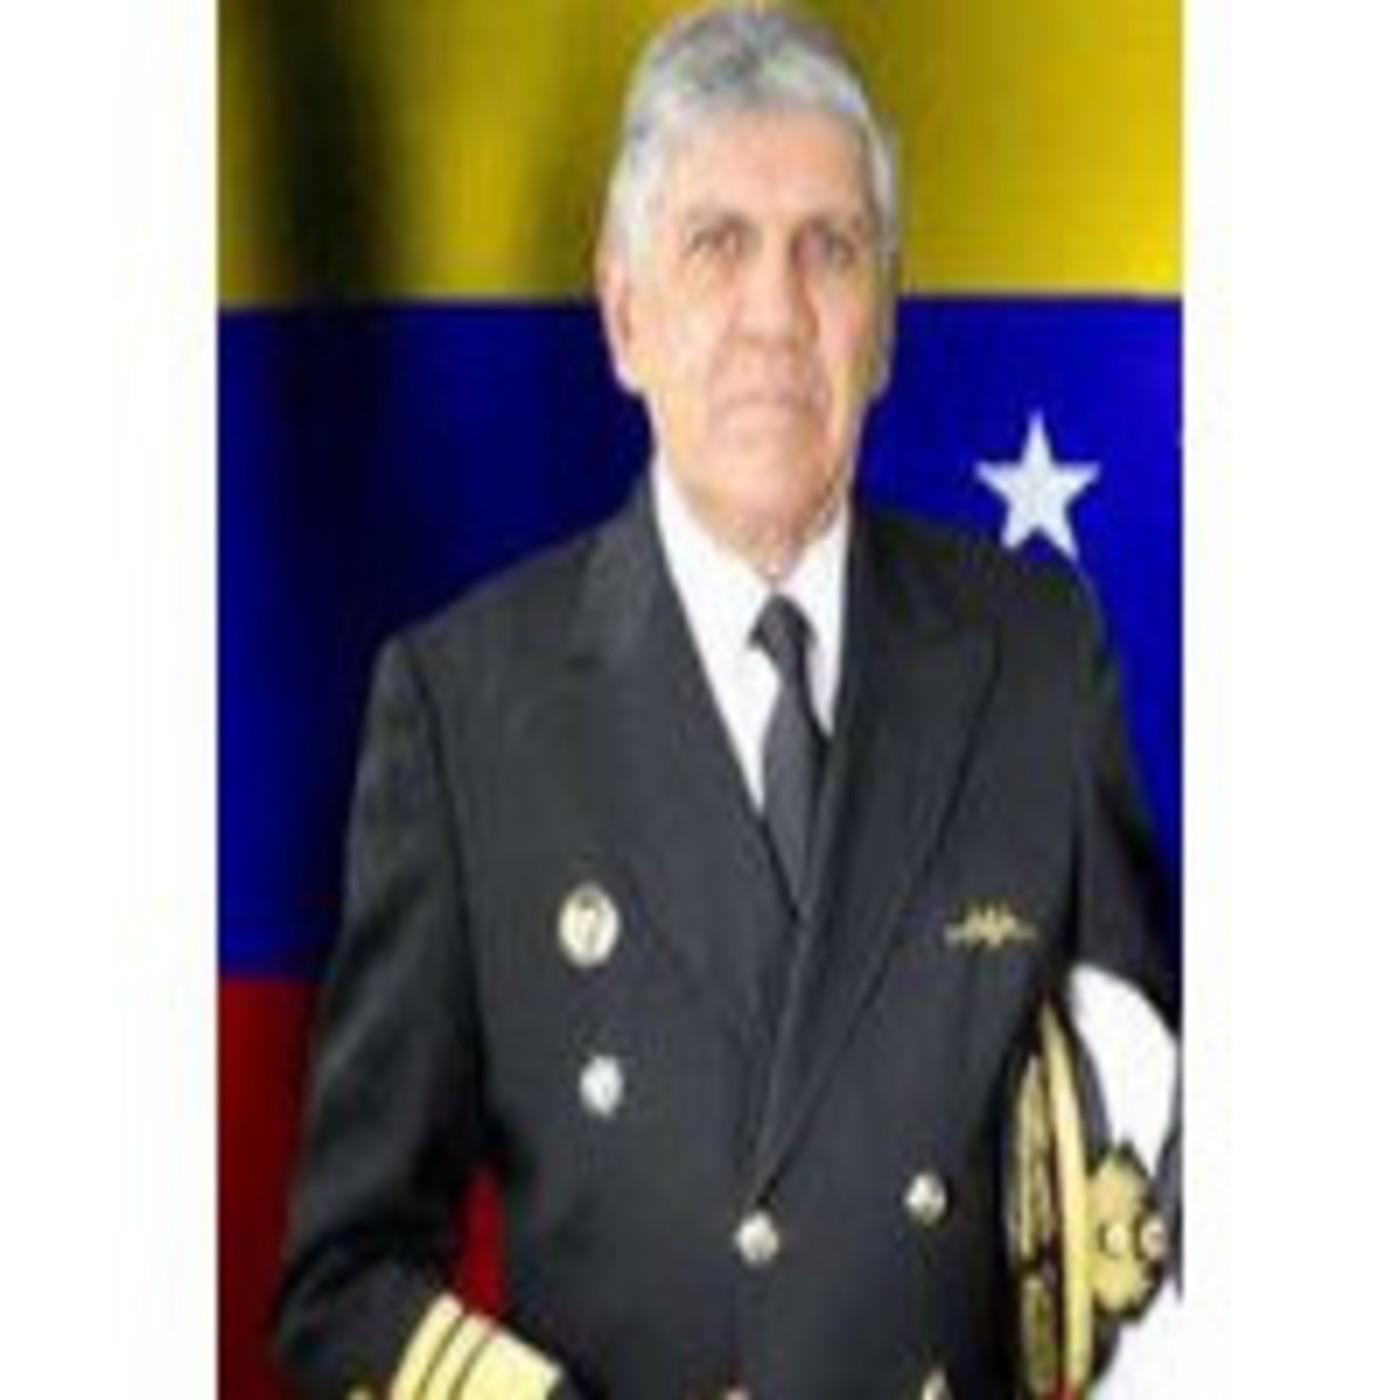 Charla con el VA Mario Ivan Carratu Molina 23/09/14